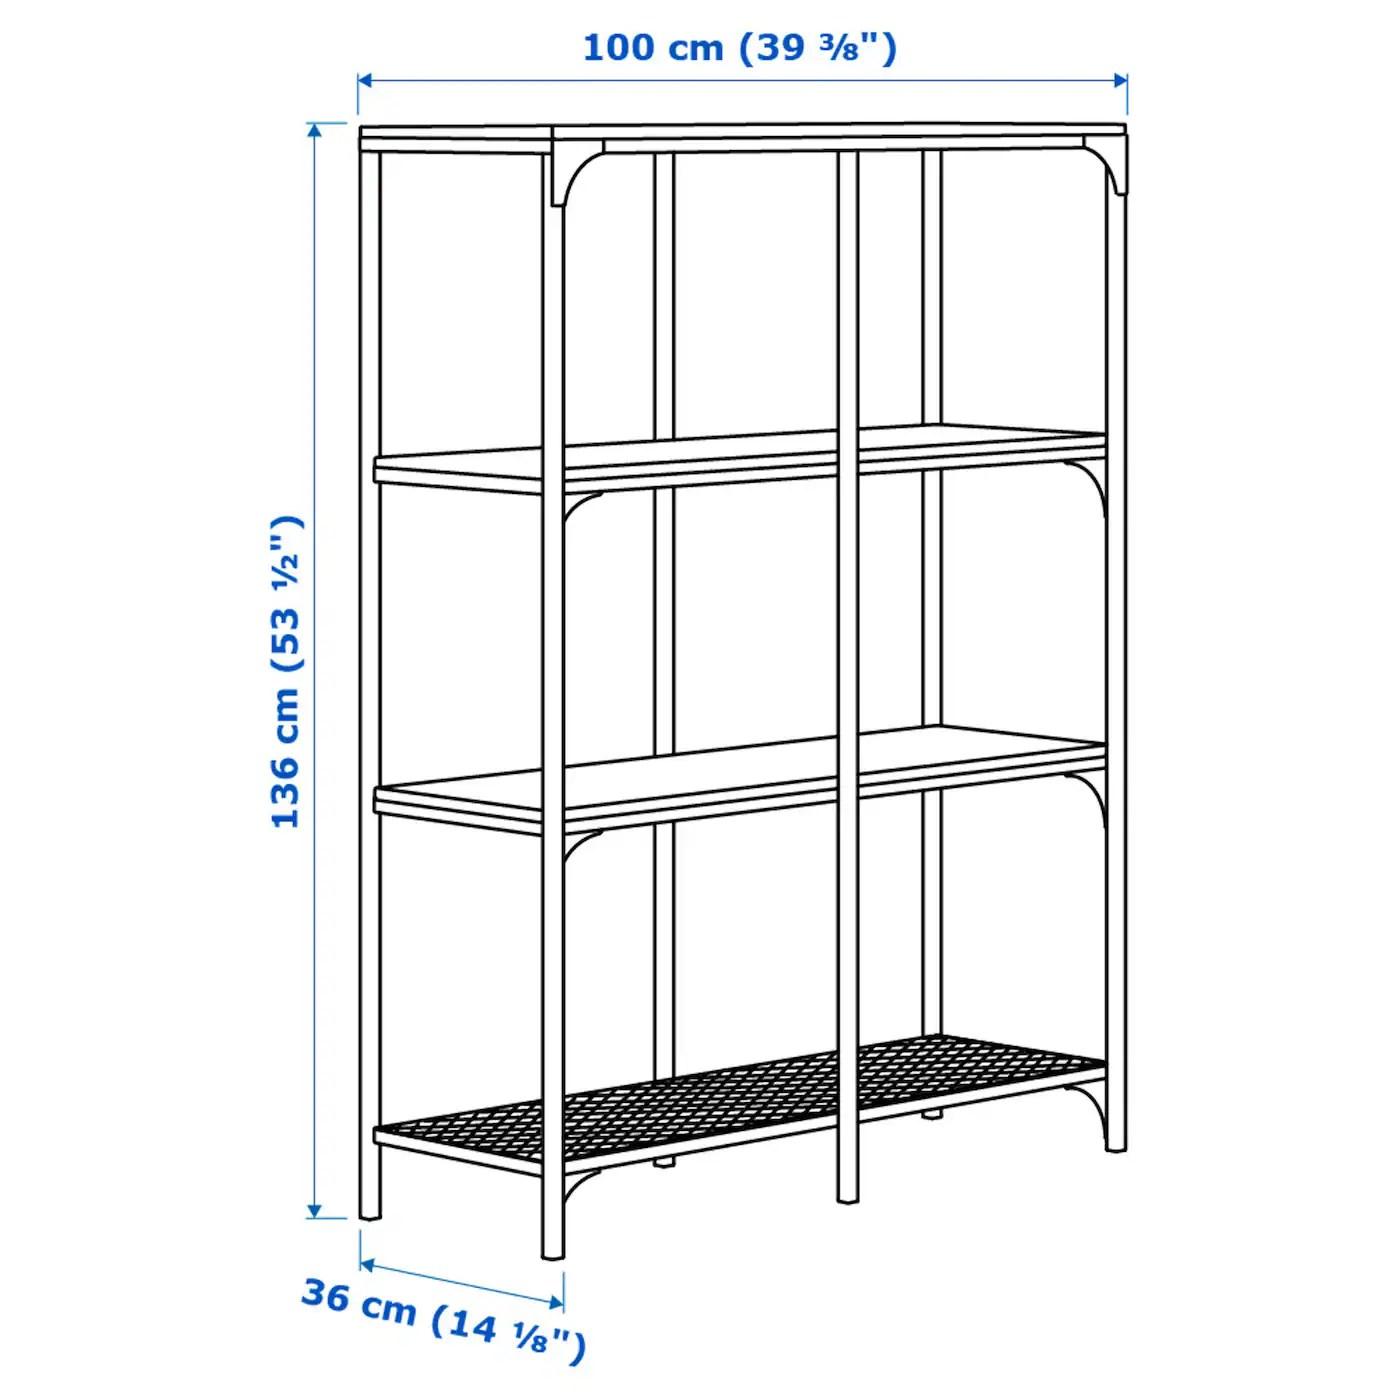 Stellingkast Zwart Metaal.Ikea Stellingkast Metaal Metalen Stellingkast Industrieel